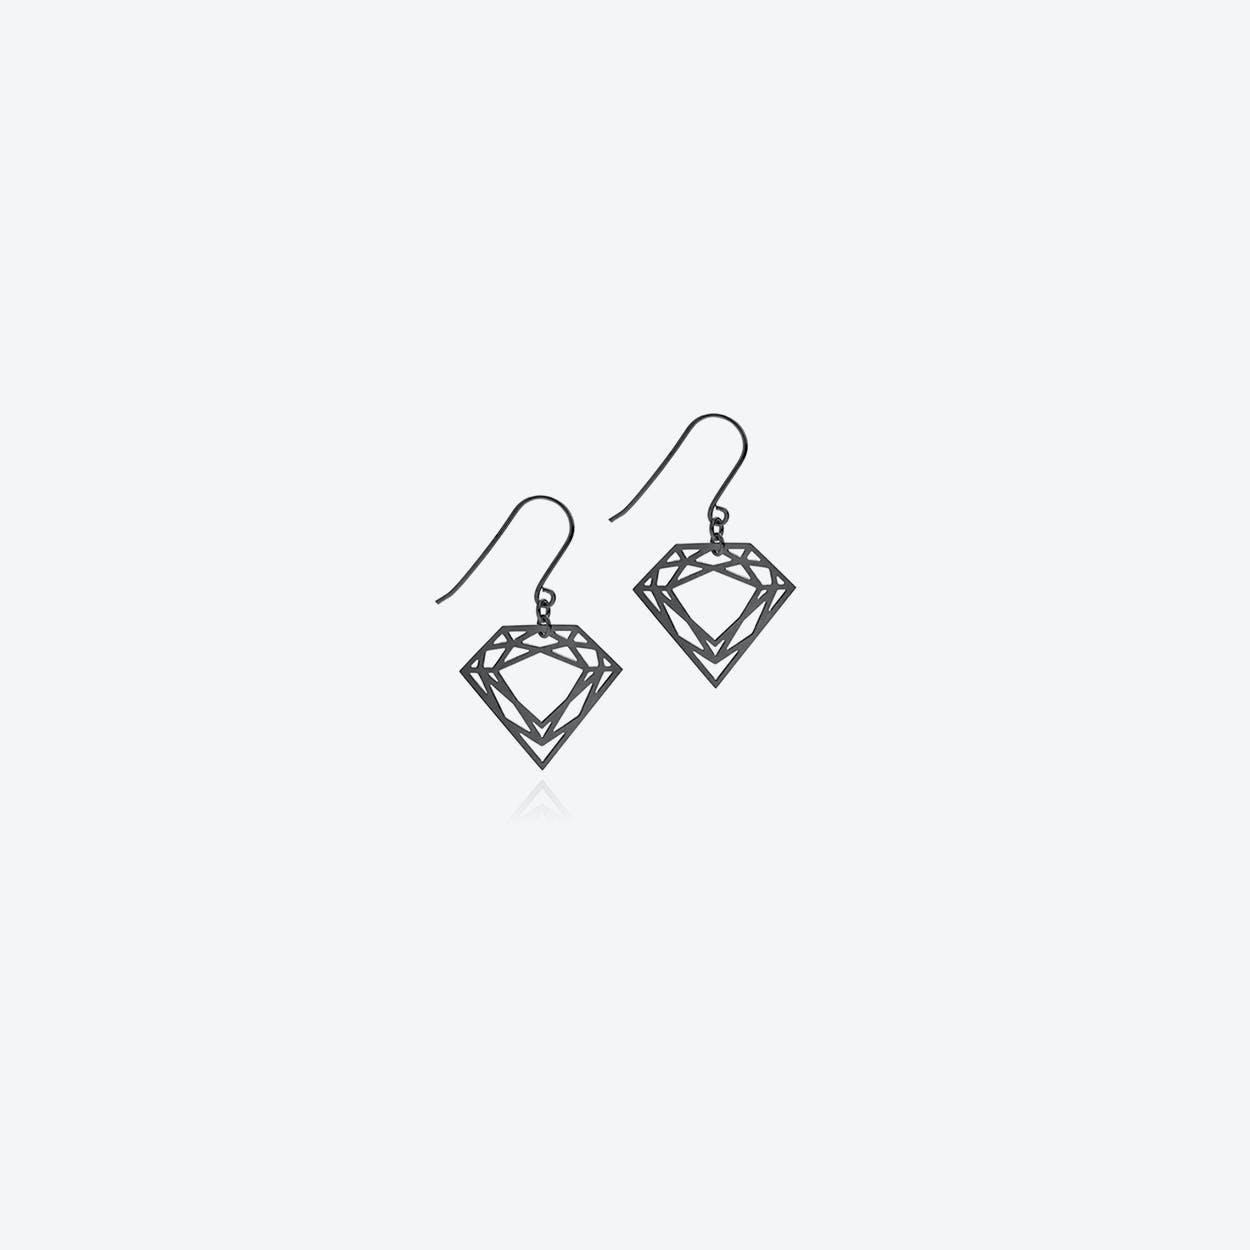 Classic Diamond Drop Earrings in Black